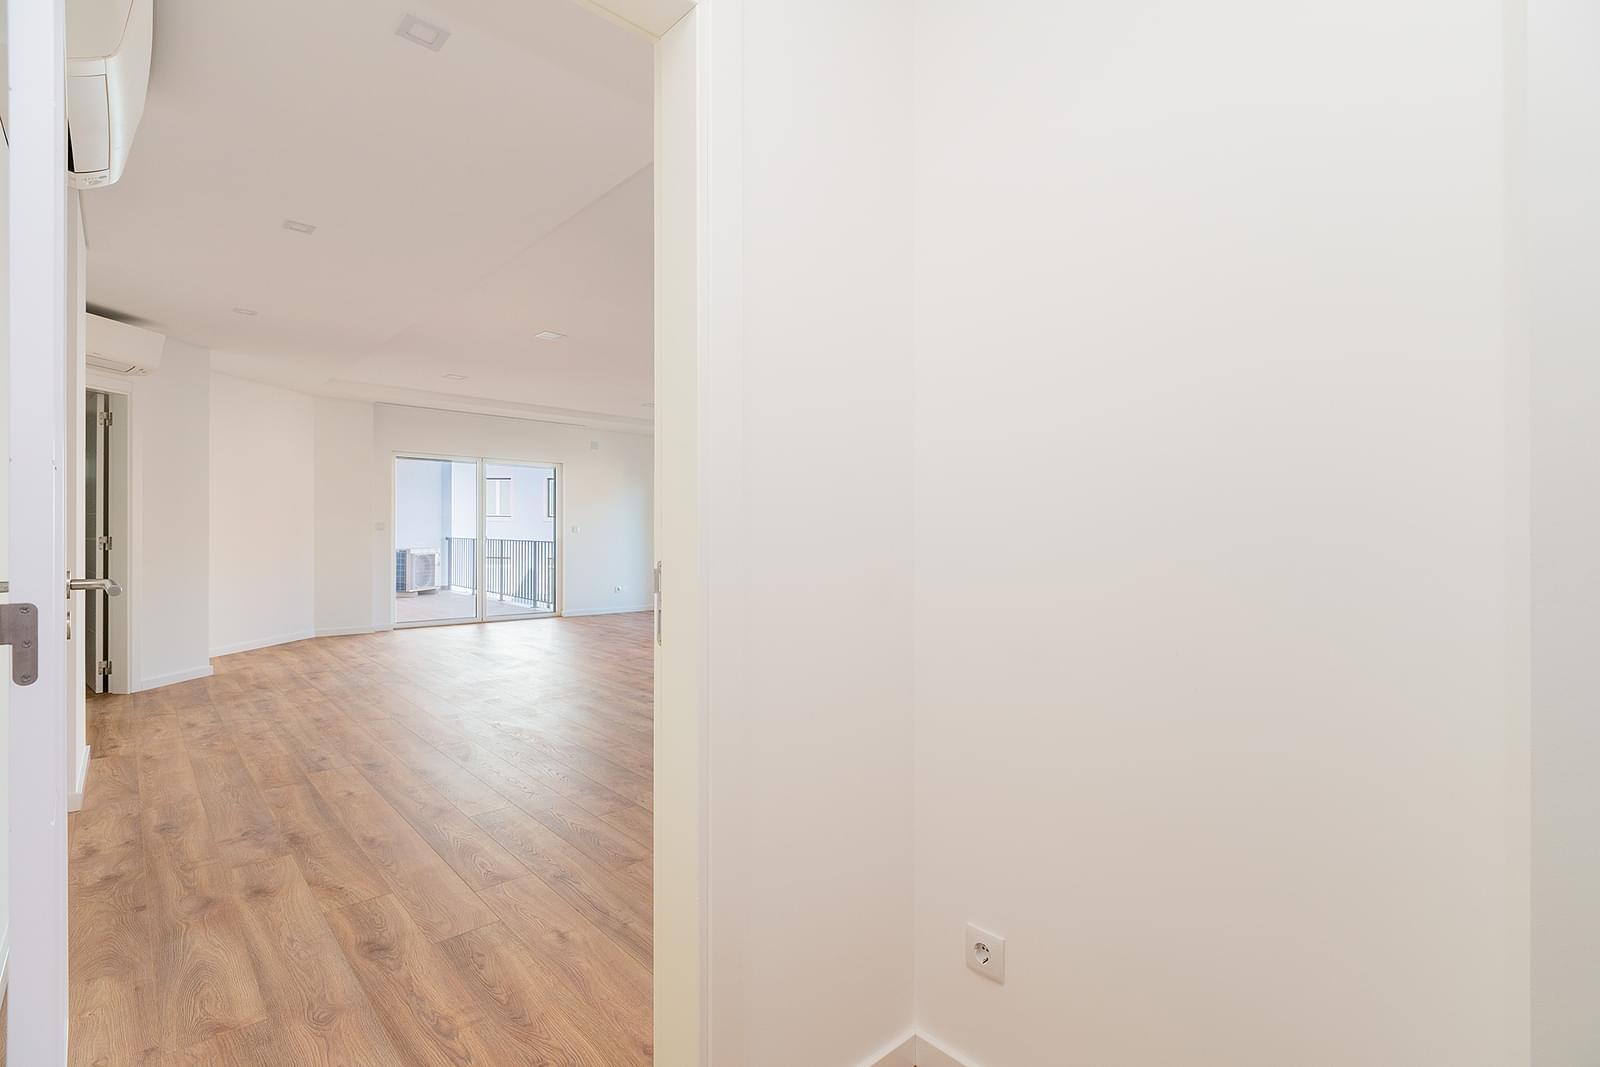 pf16829-apartamento-t1-lisboa-f28adf5c-ddec-4c6c-8dca-26152fba2f52